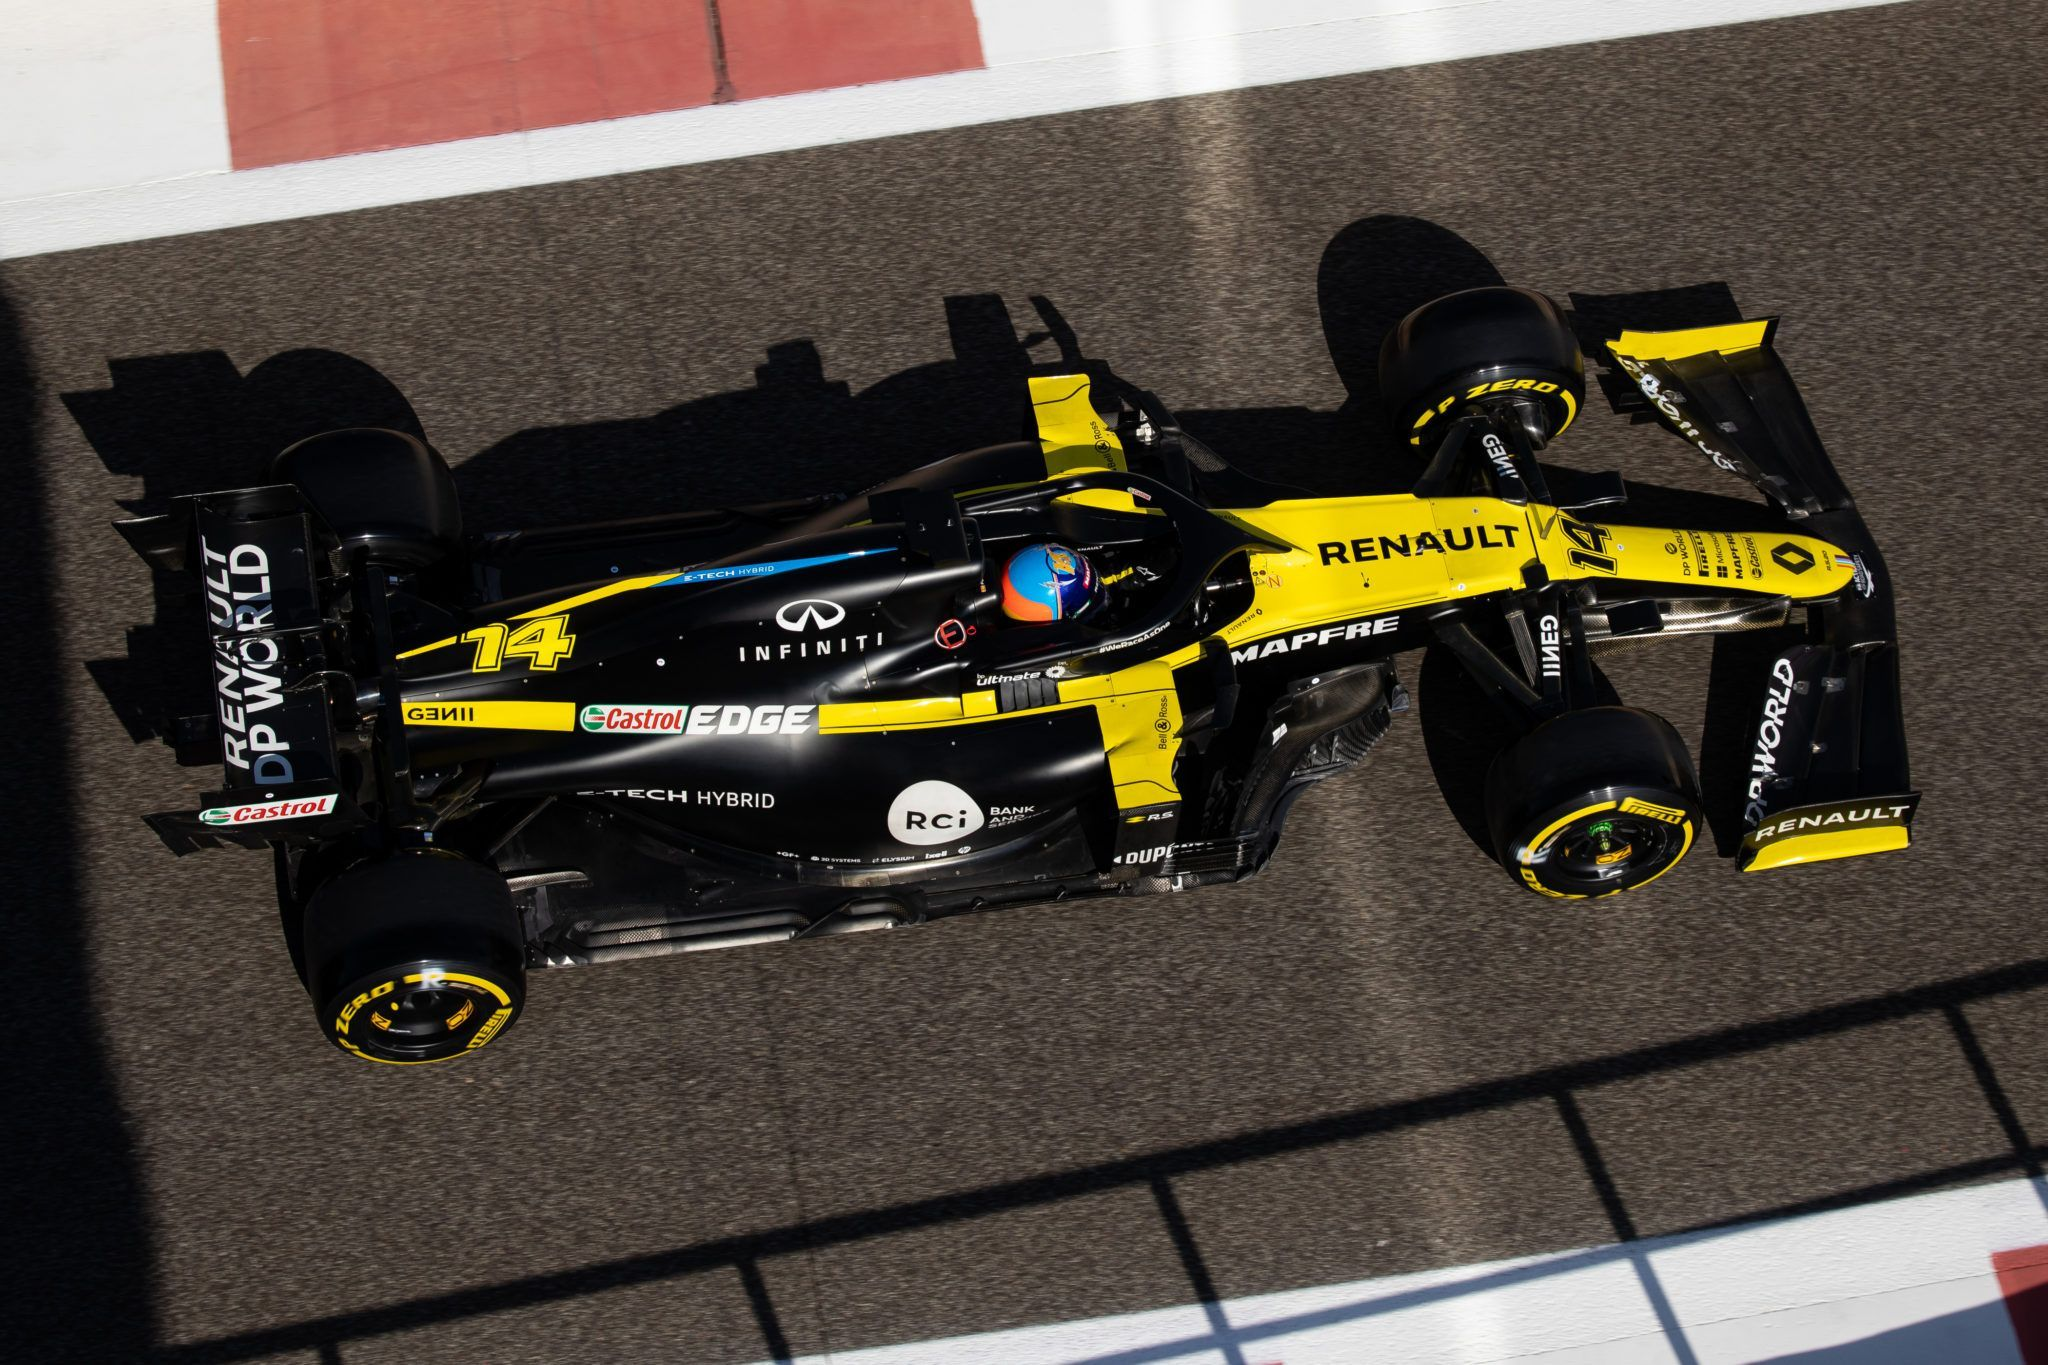 F1, Fernando Alonso, Abu Dhabi